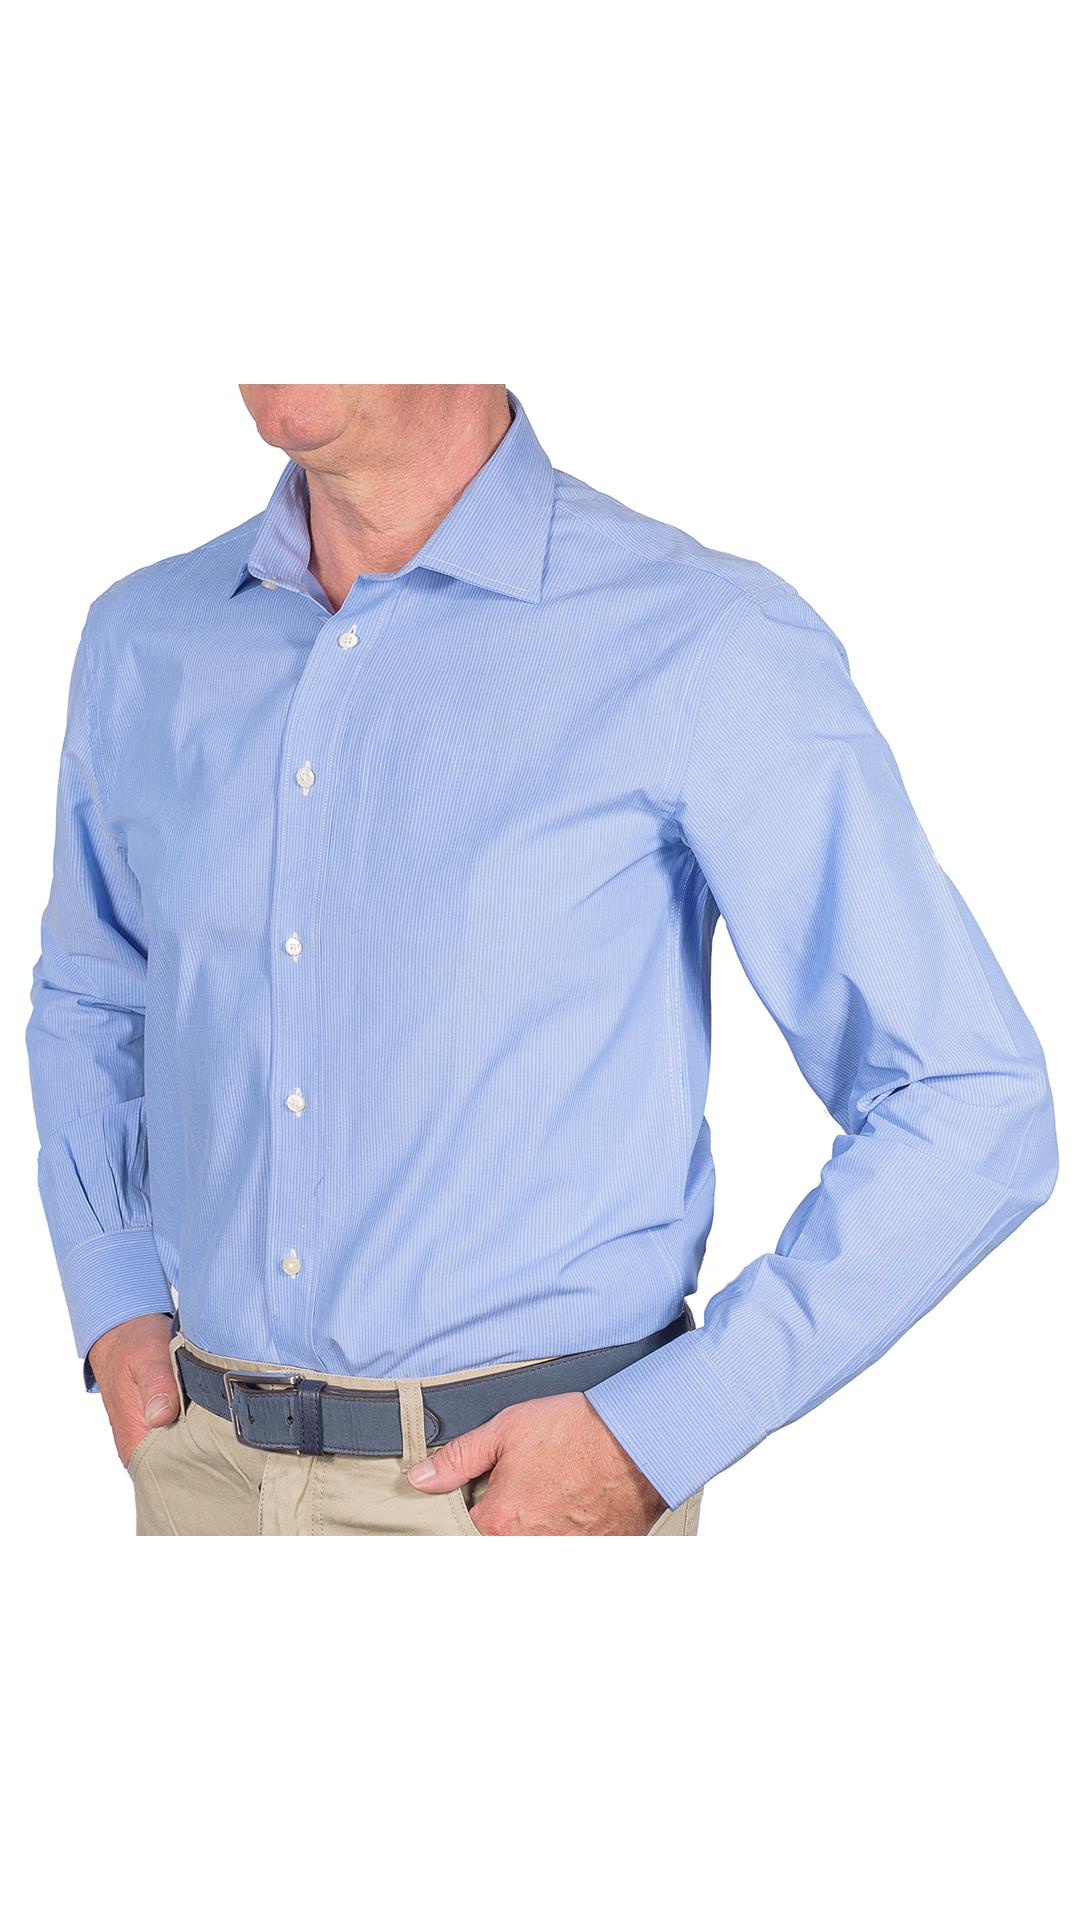 LUXURYIN0051 CAMICIA UOMO DOPPIO RITORTO MANICA LUNGA 1 1stAmerican camicia elegante da uomo in collo classico 100% cotone alta qualità doppio ritorto manica lunga – camicia sartoriale regular fit